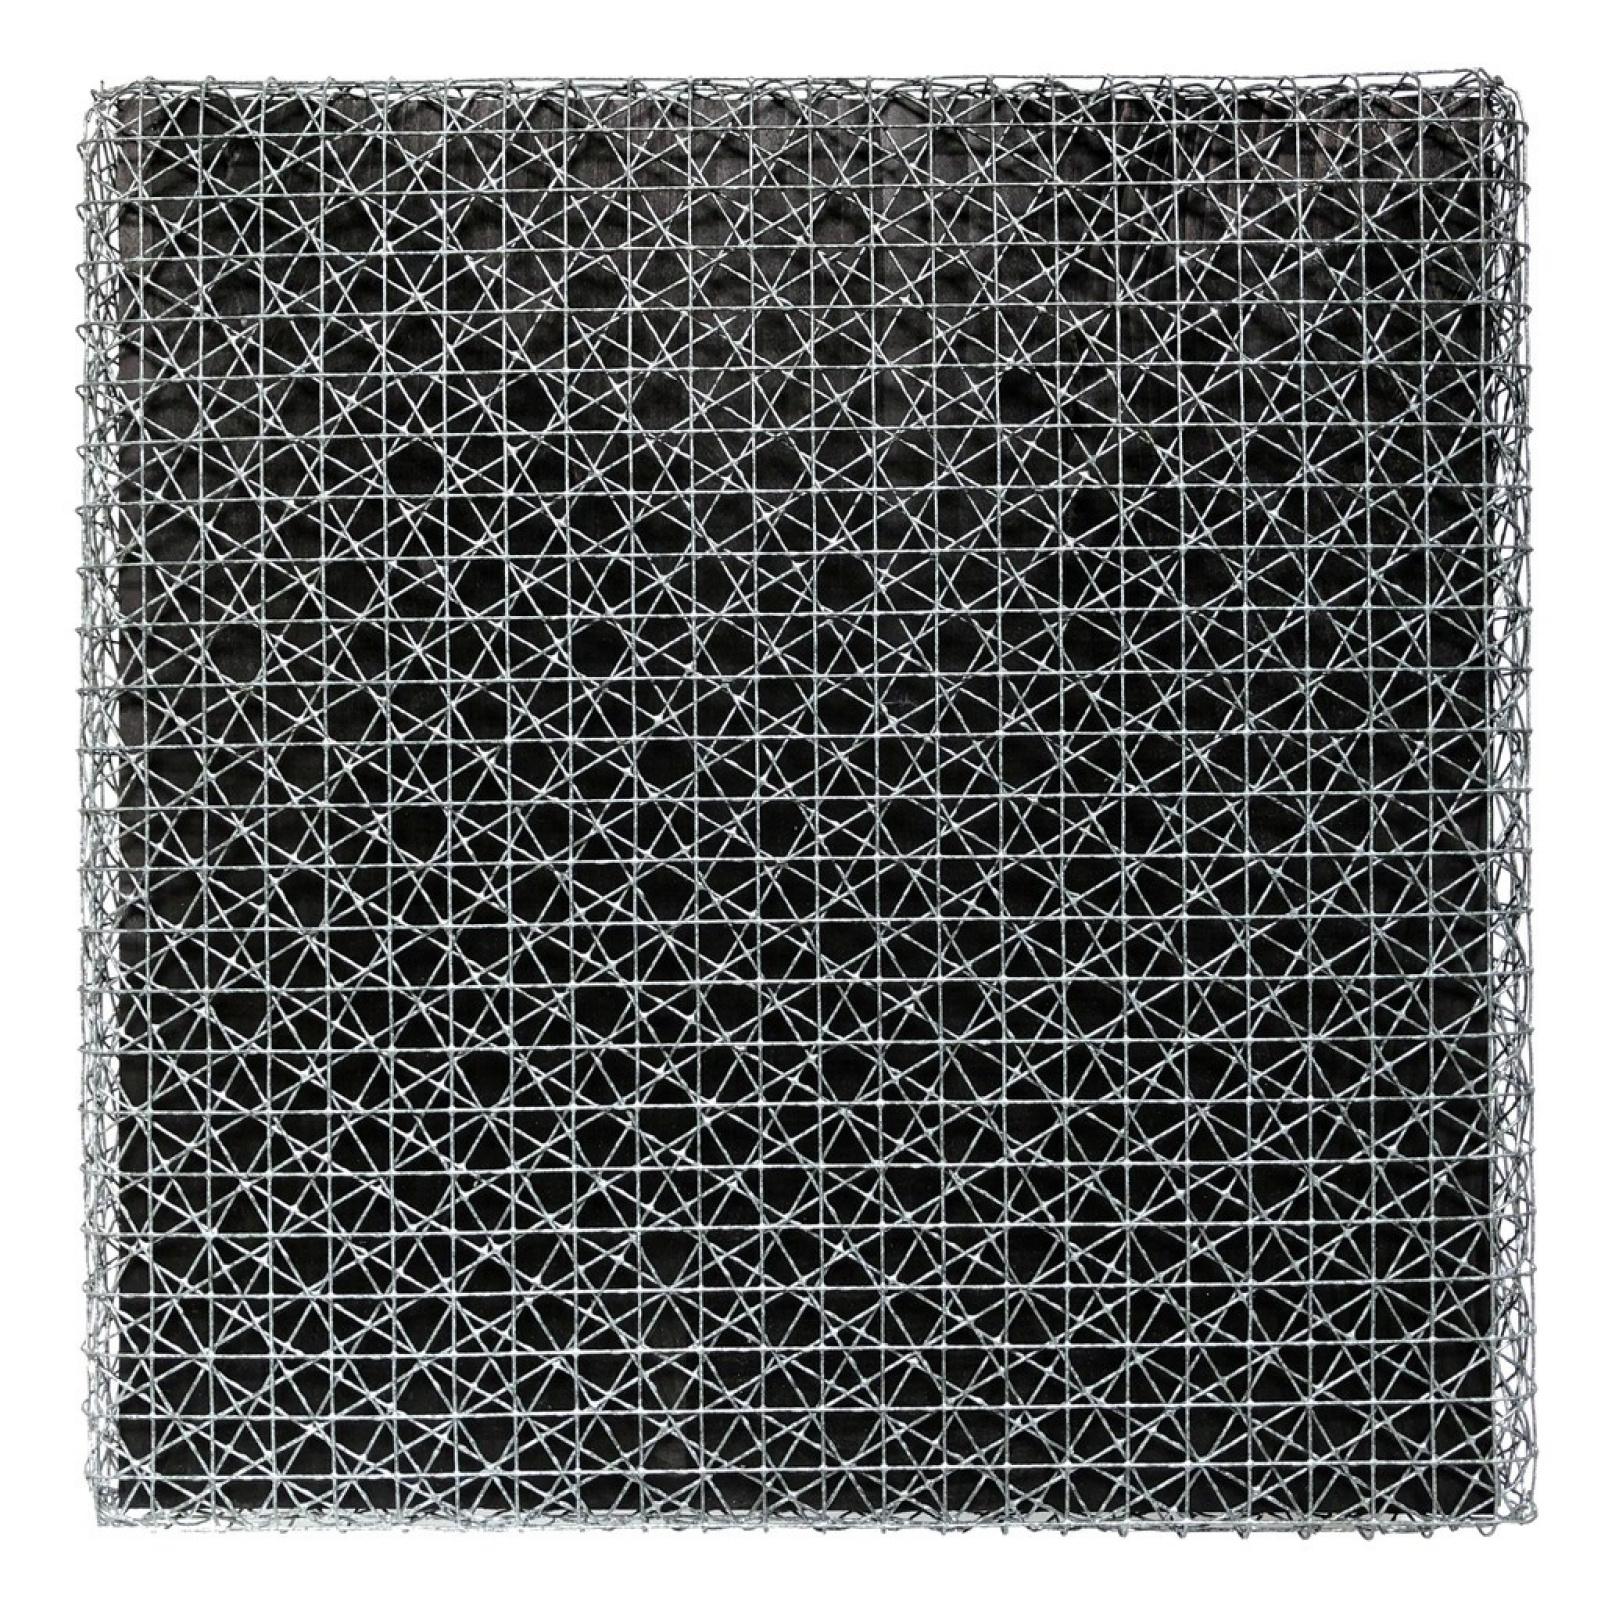 Франсуа Морелле. 3 кадра из решетки 0° 30° 60°